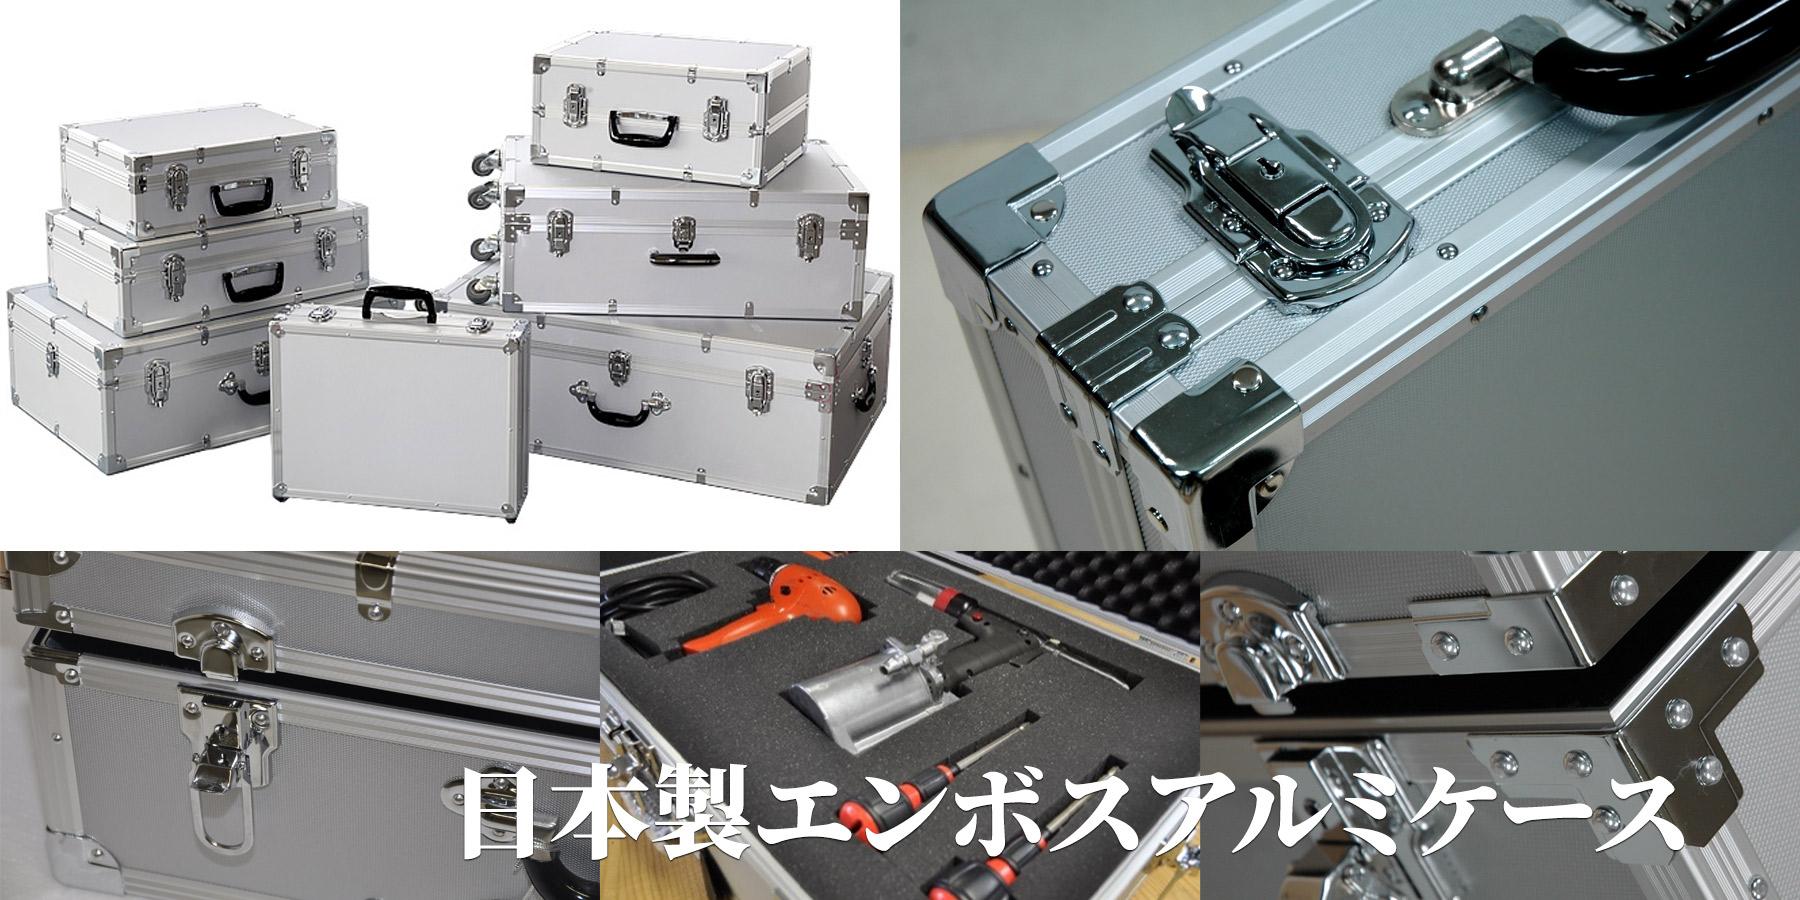 日本製エンボスアルミケース